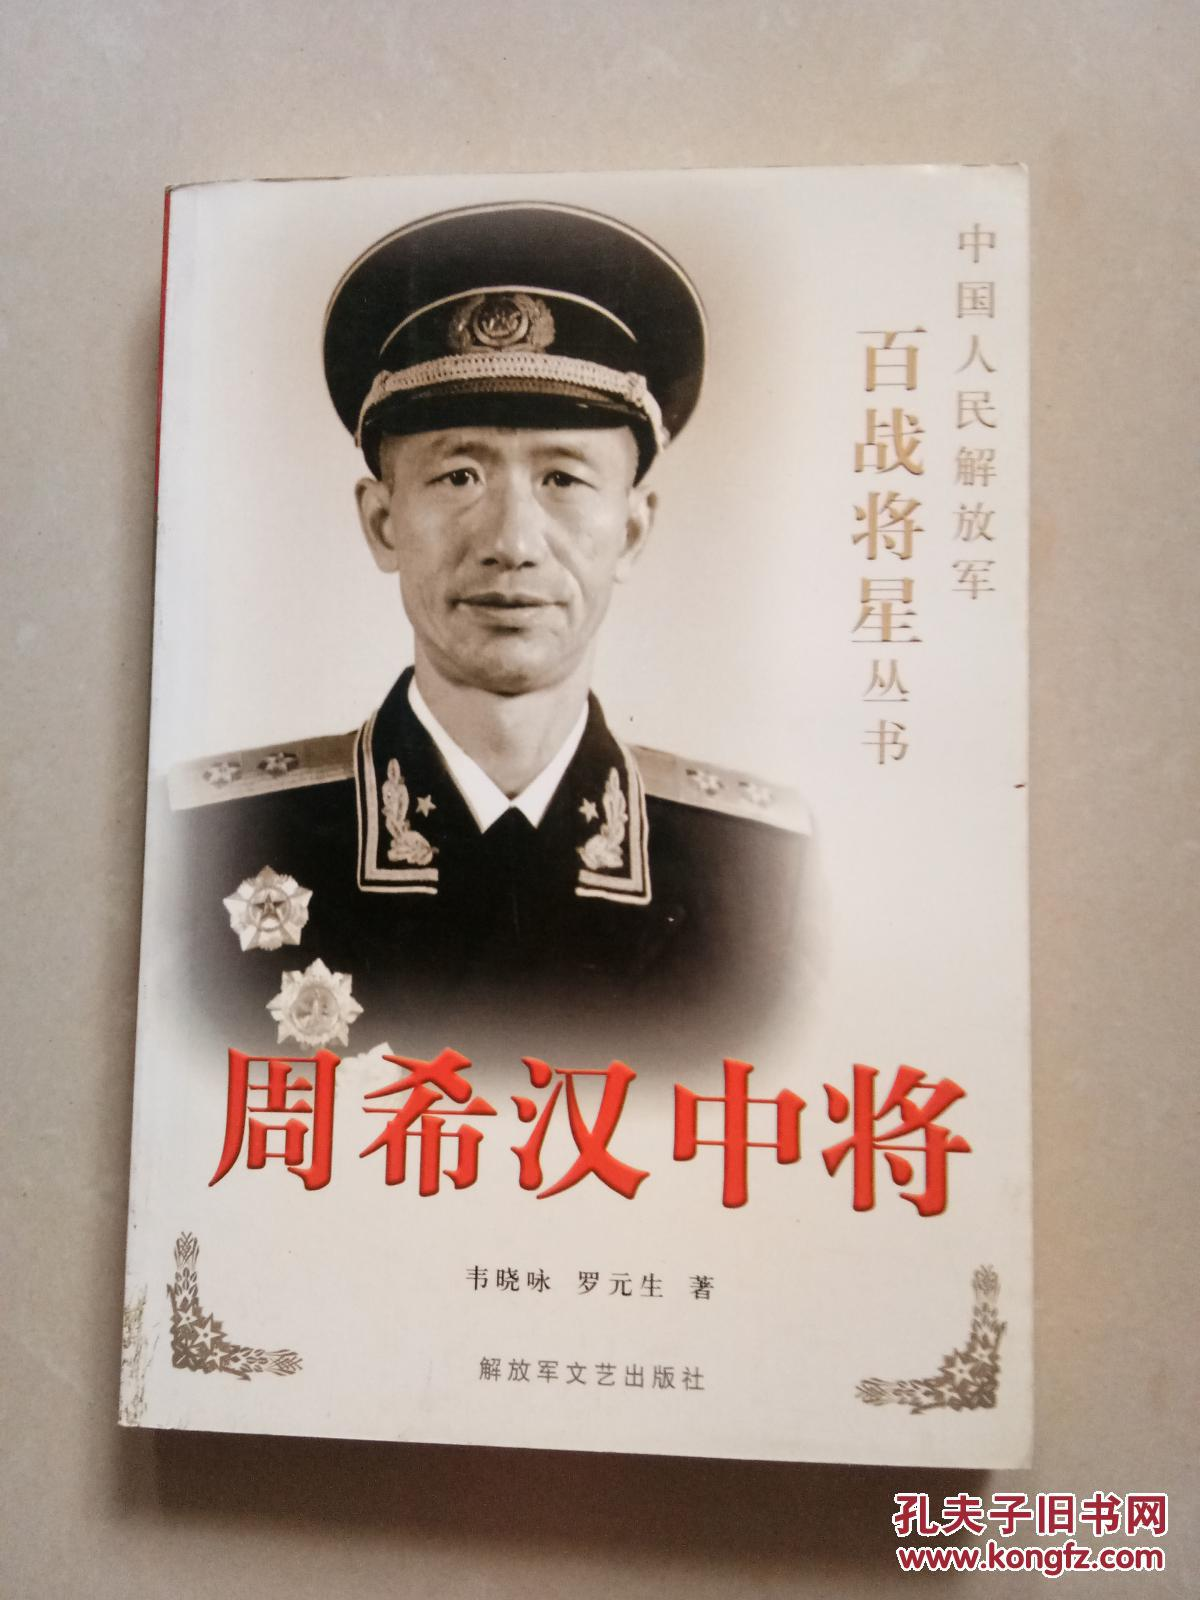 周希汉中将